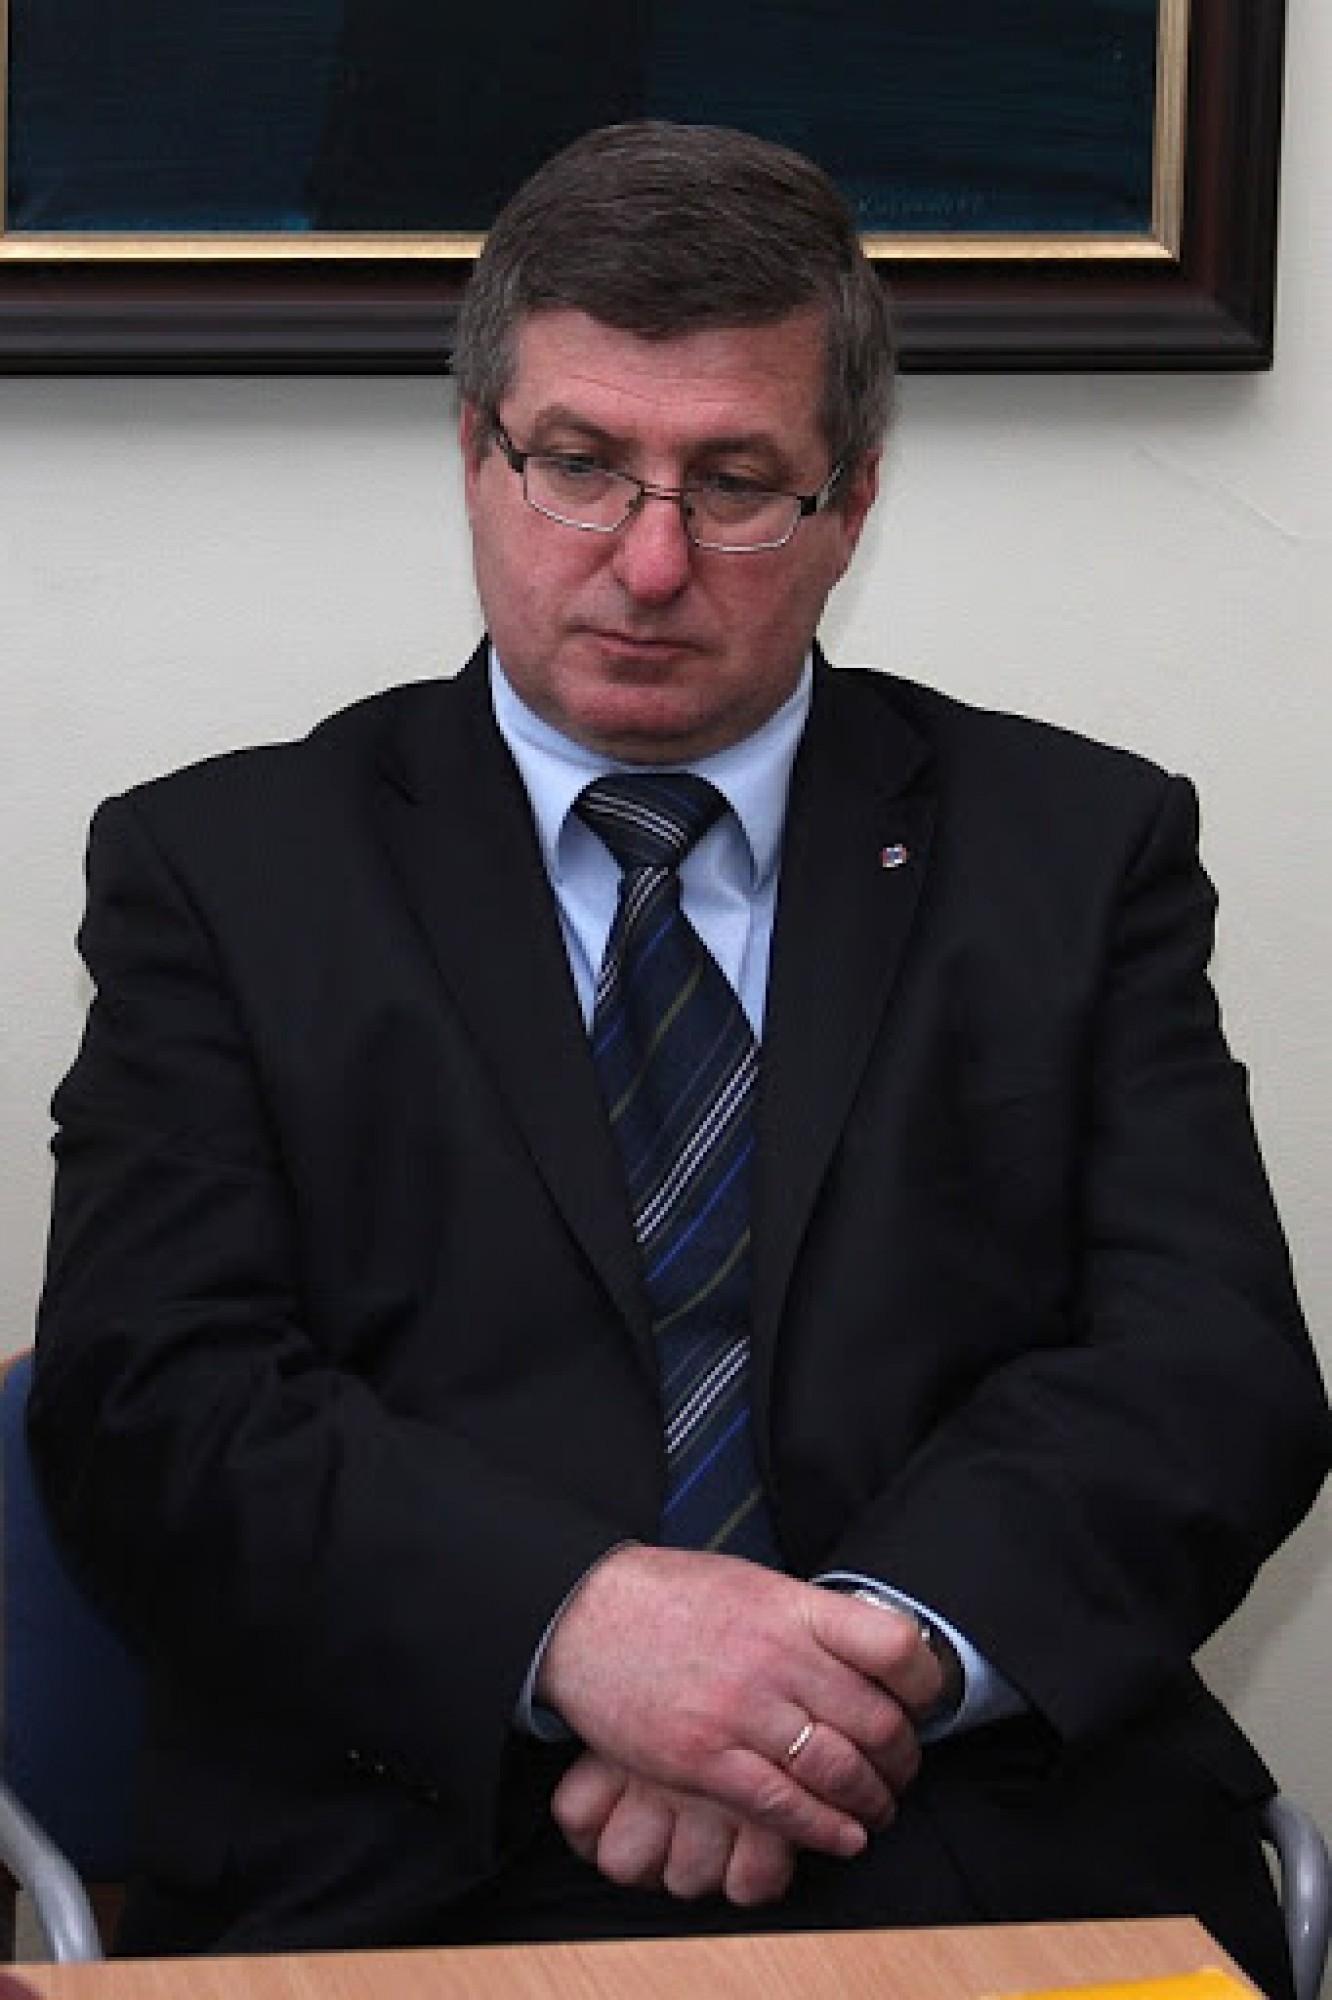 Zmarł były wieloletni Burmistrz Miasta Nowego Targu Marek Fryźlewicz